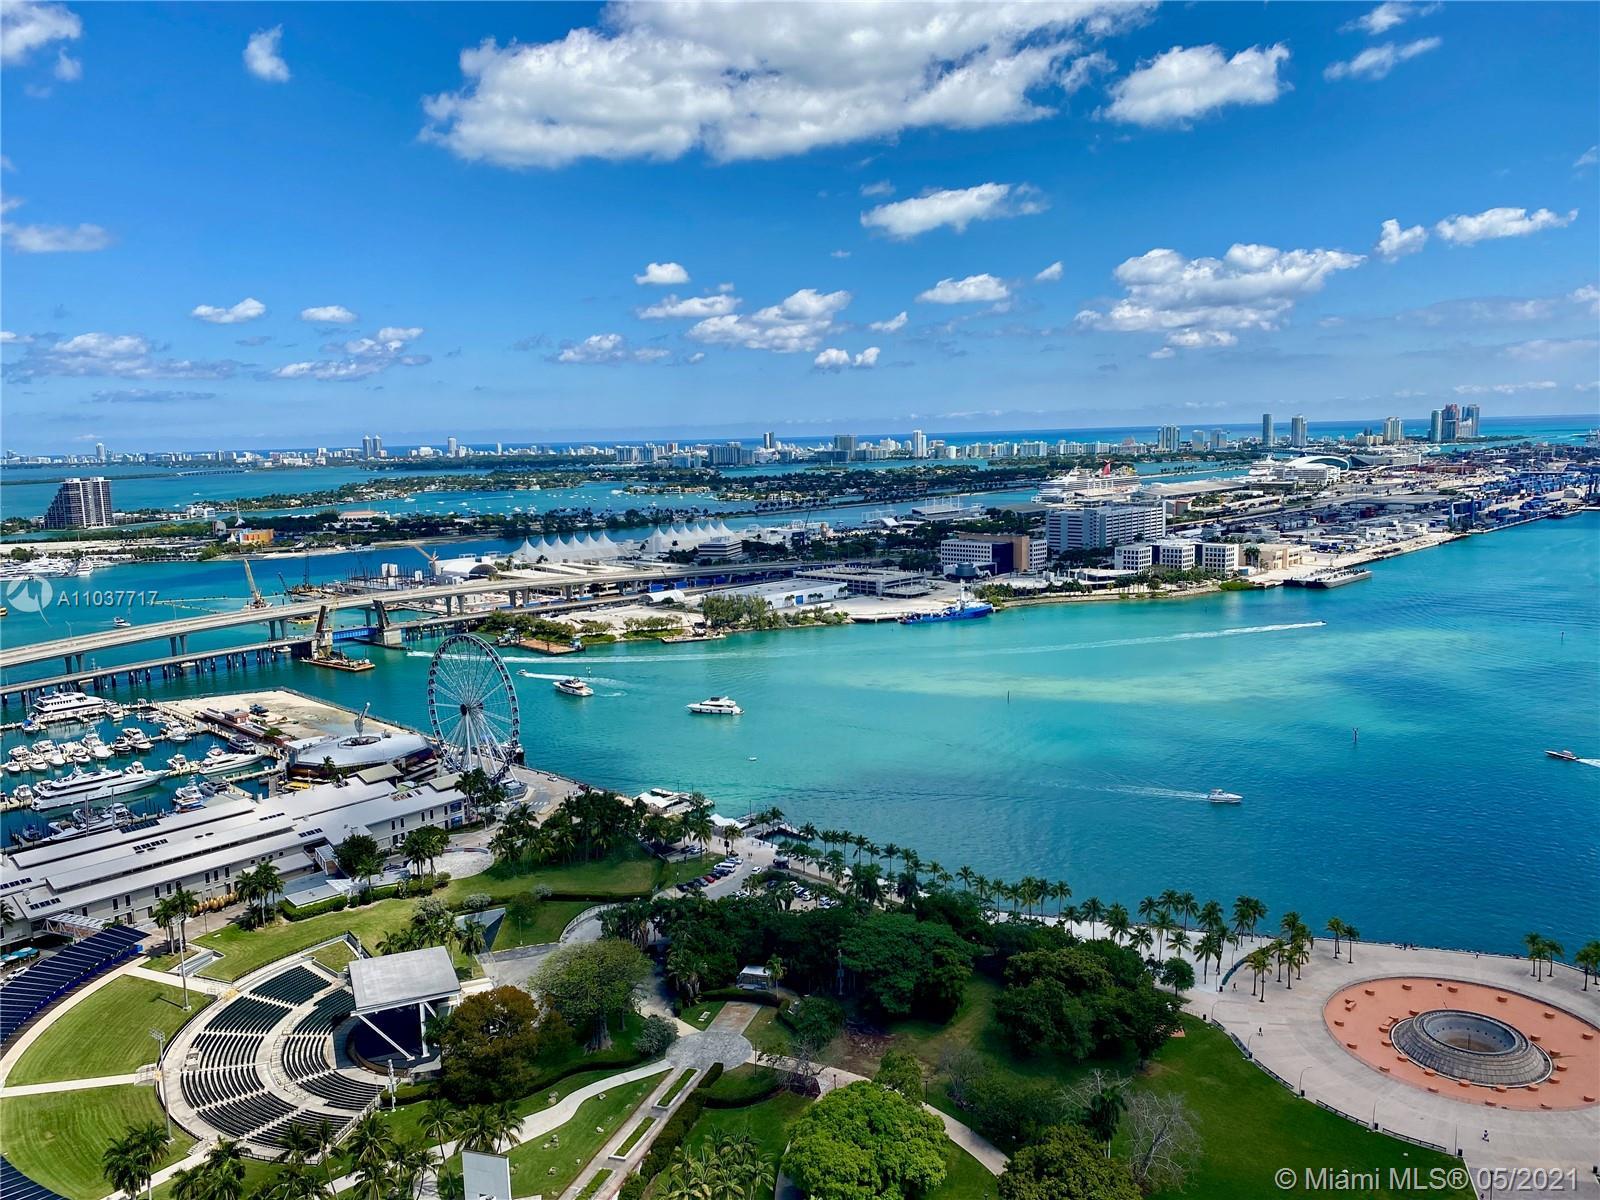 50 Biscayne #4408 - 50 Biscayne Blvd #4408, Miami, FL 33132